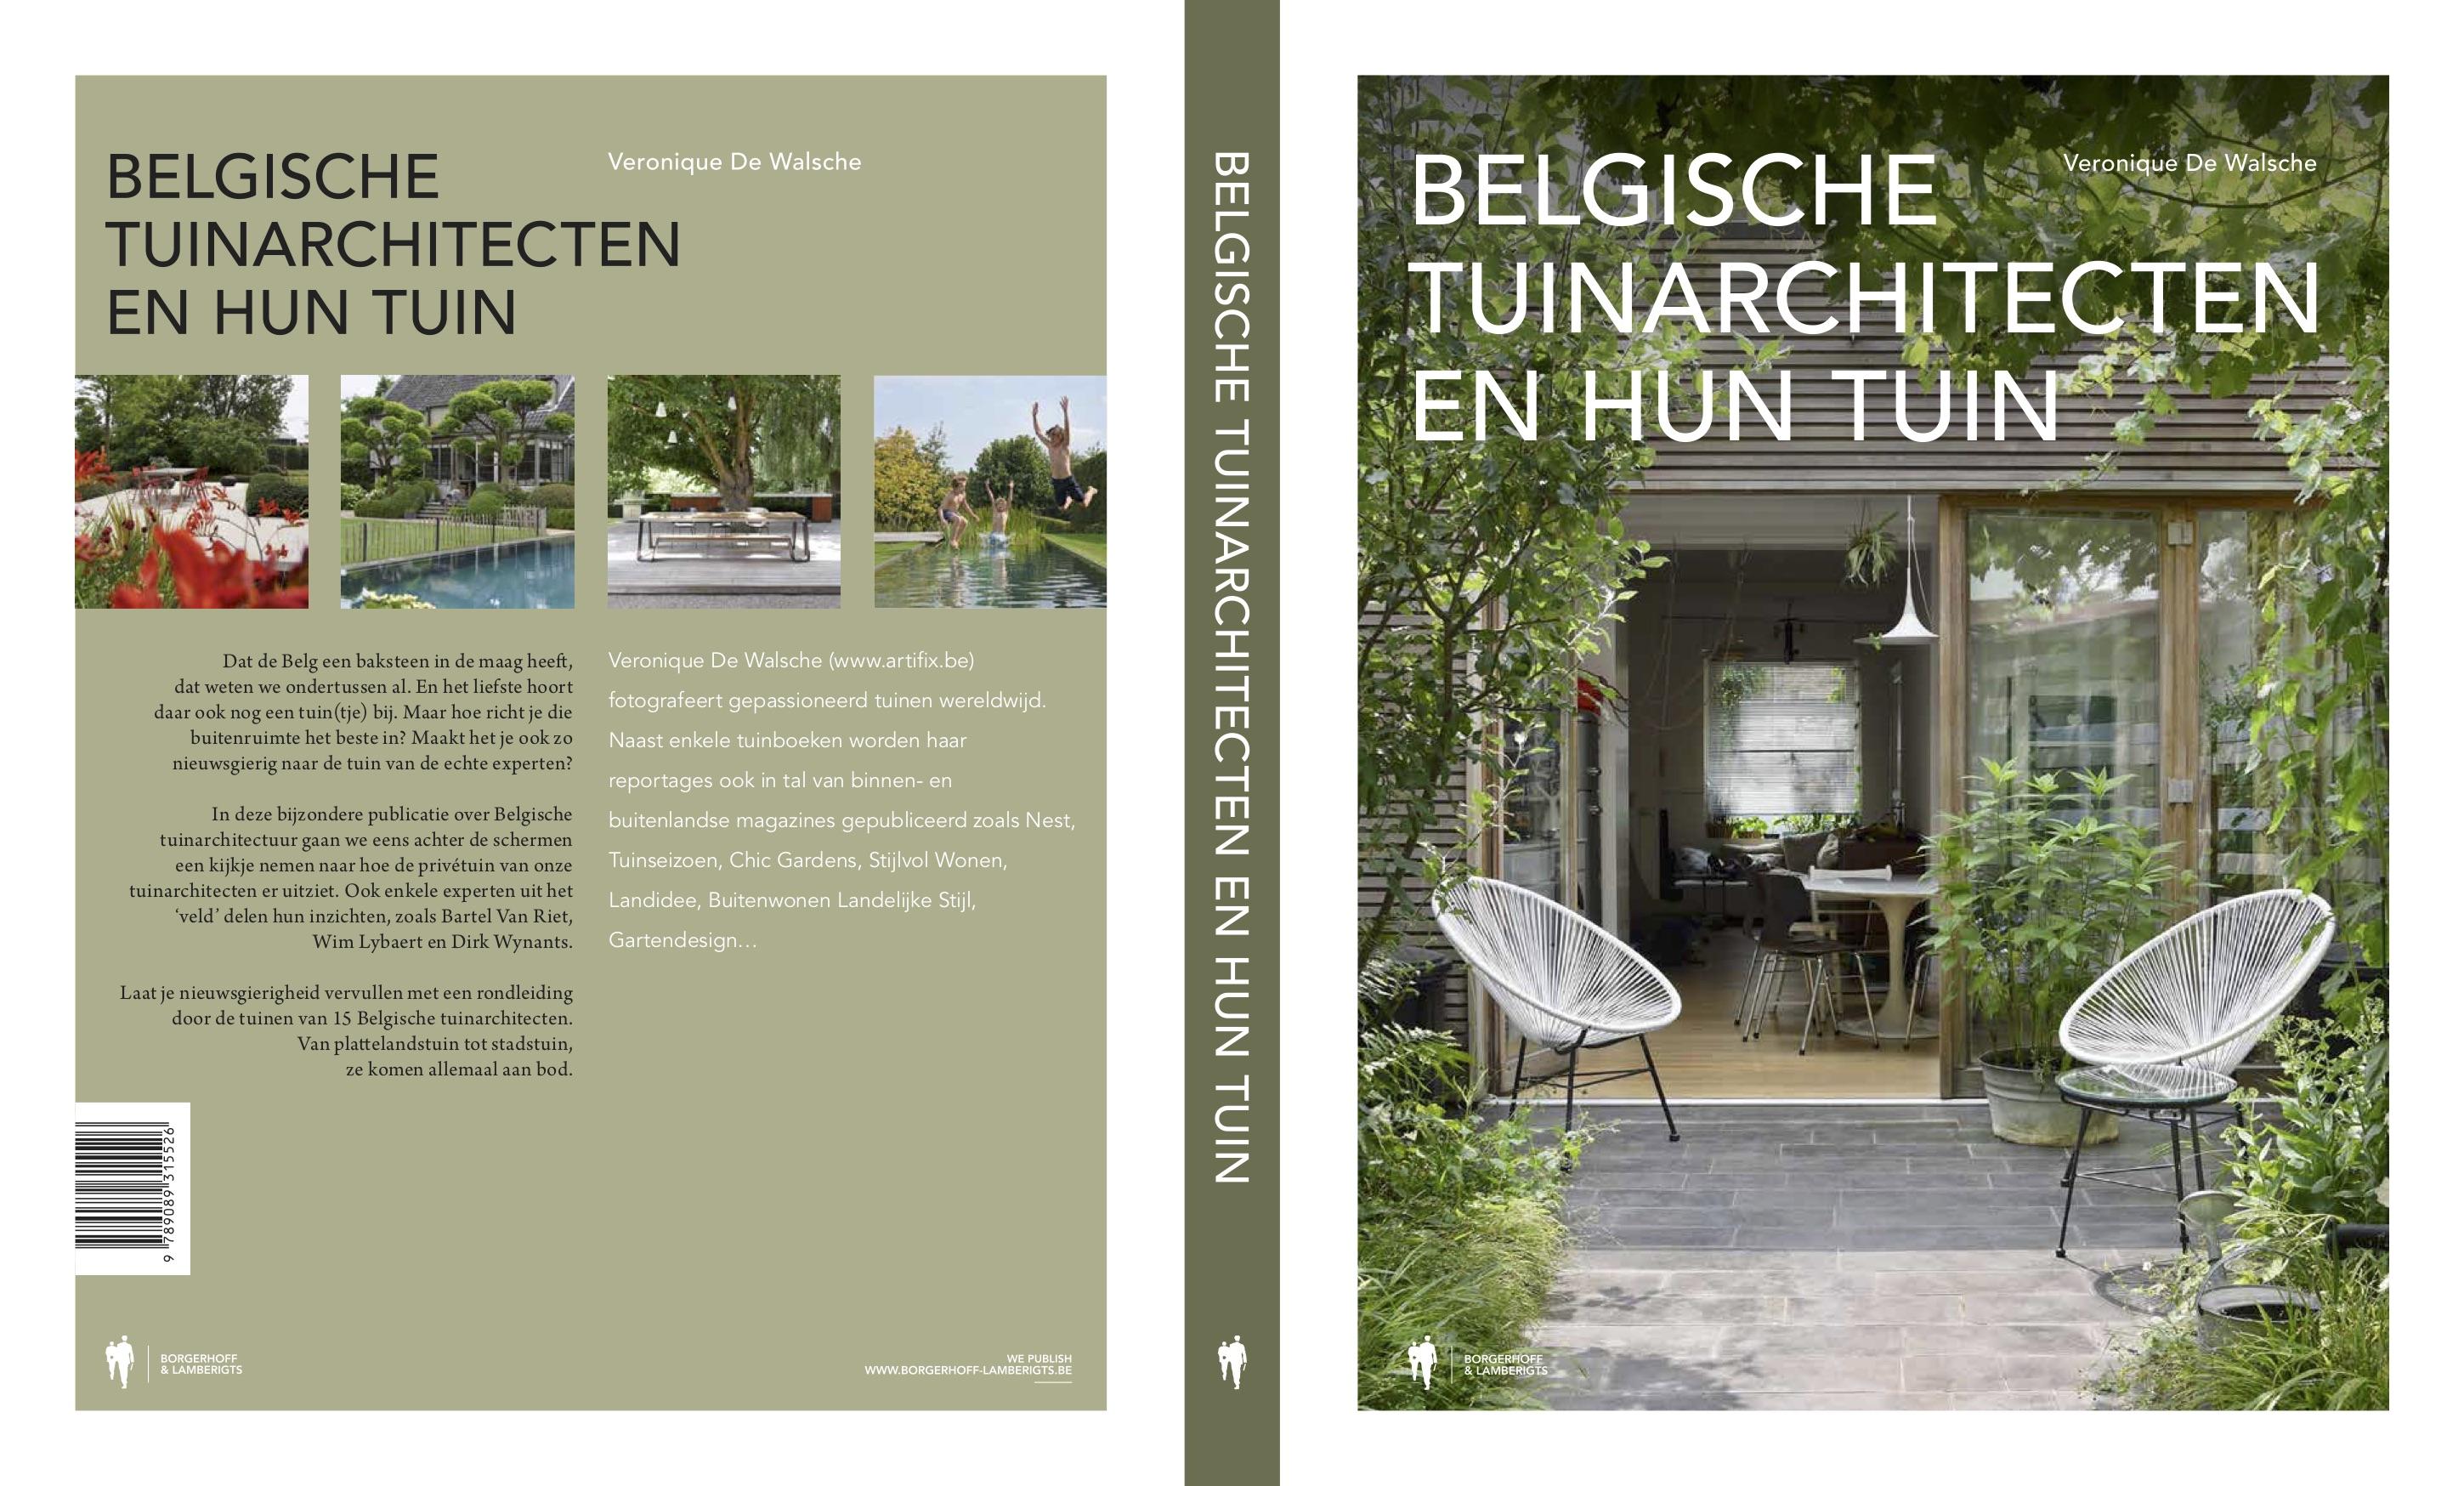 Belgische tuinarchitecten en hun tuin boek release de for De geheime tuin boek